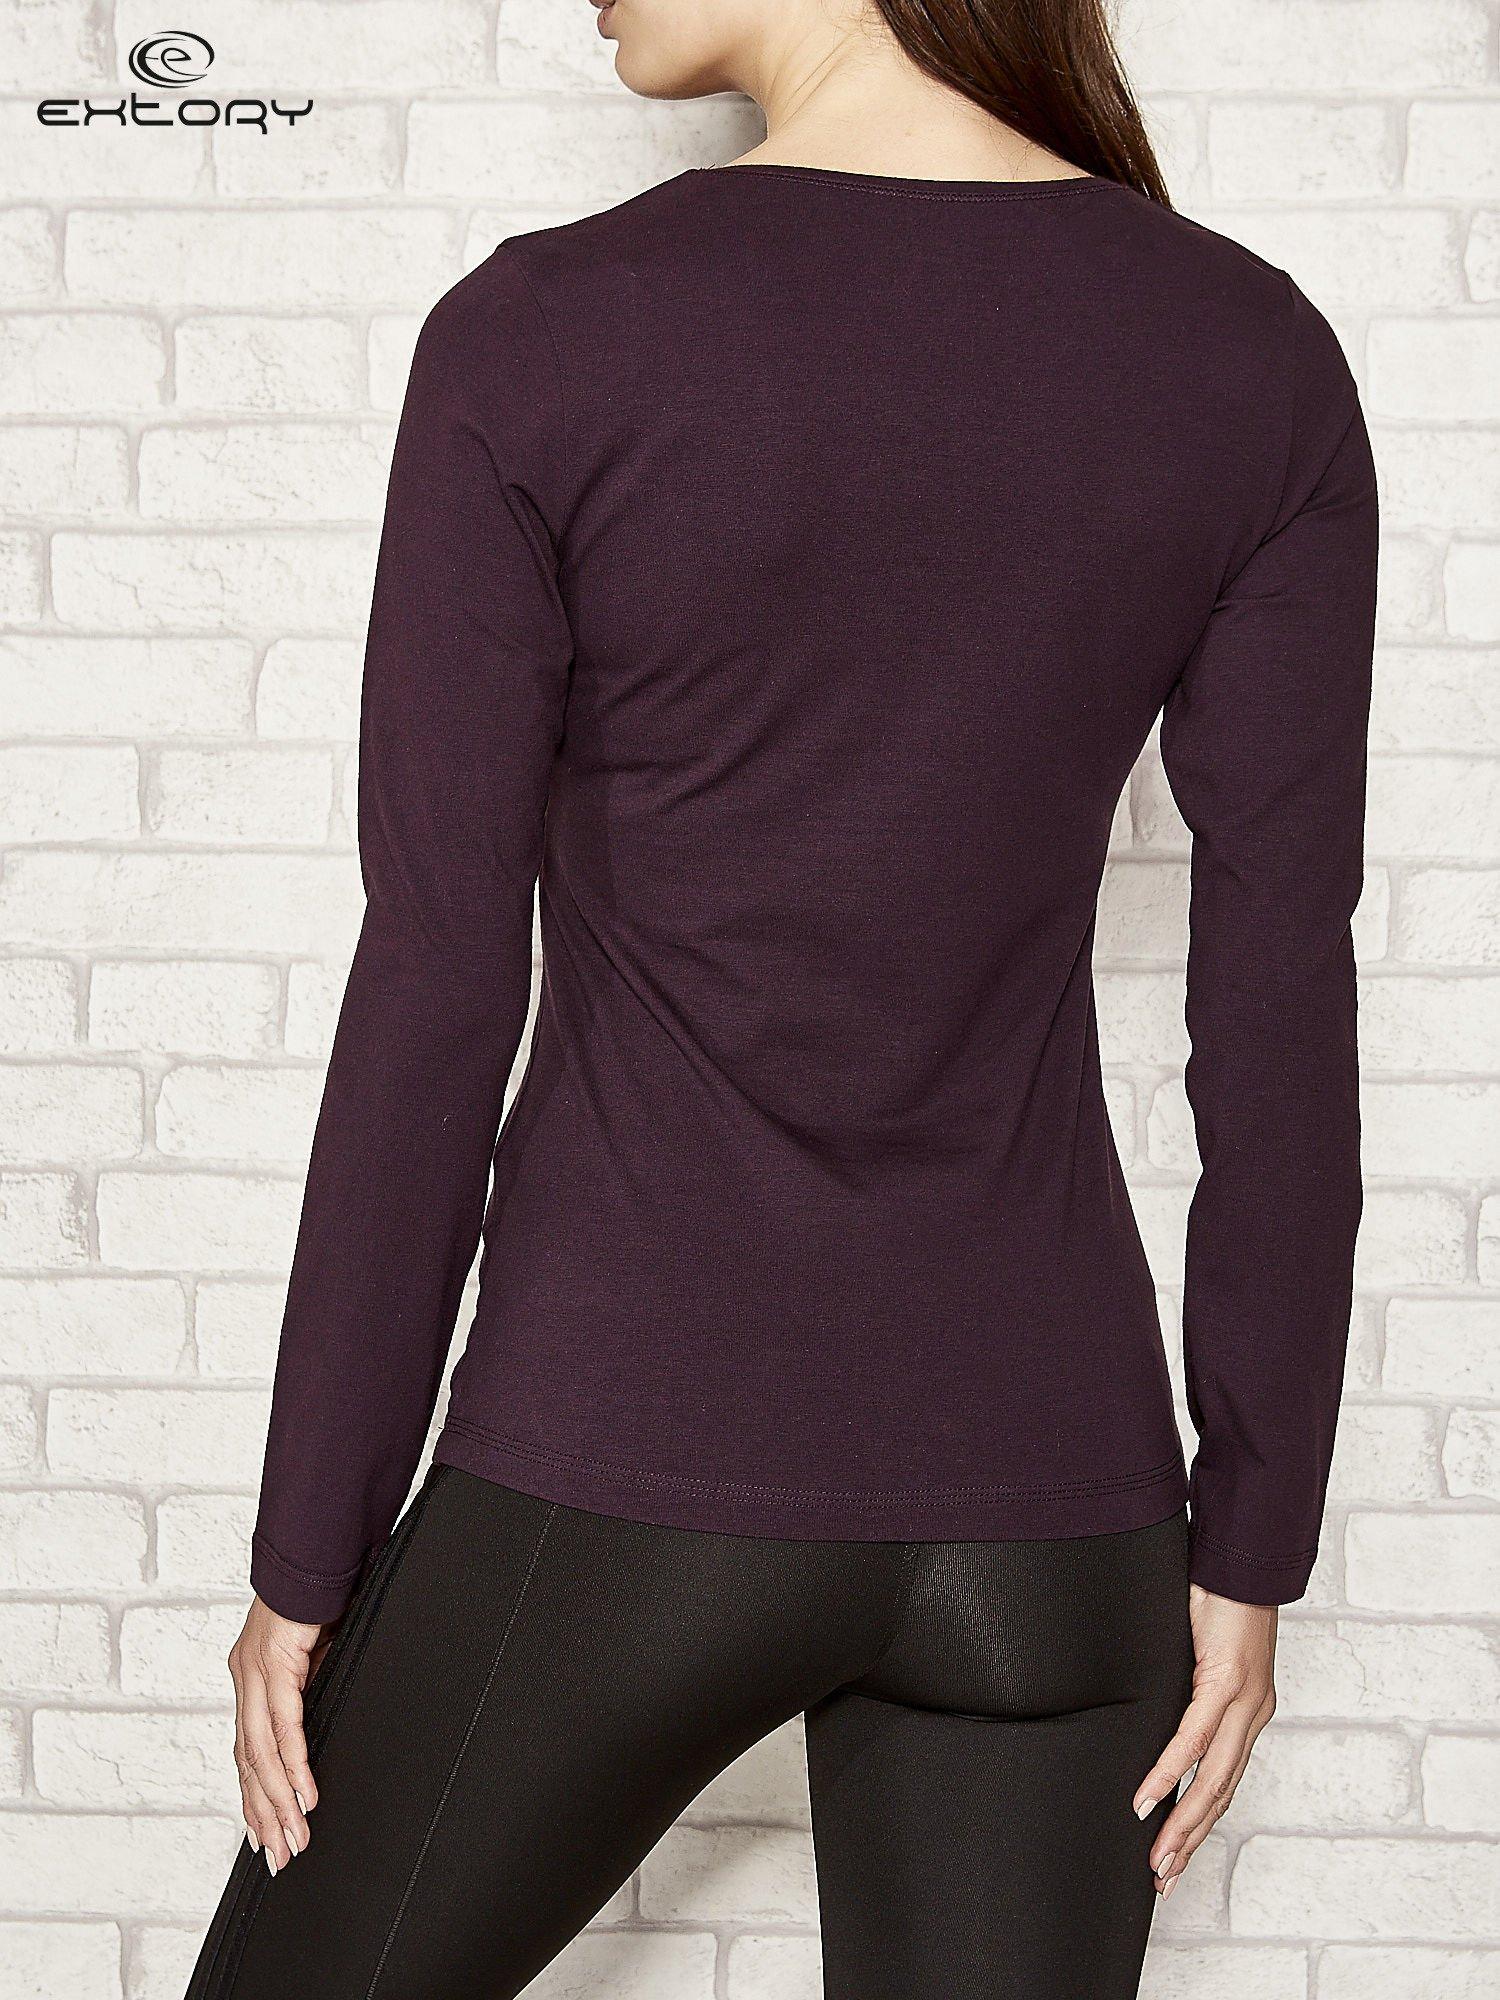 Fioletowa bluzka sportowa z dekoltem V                                  zdj.                                  3